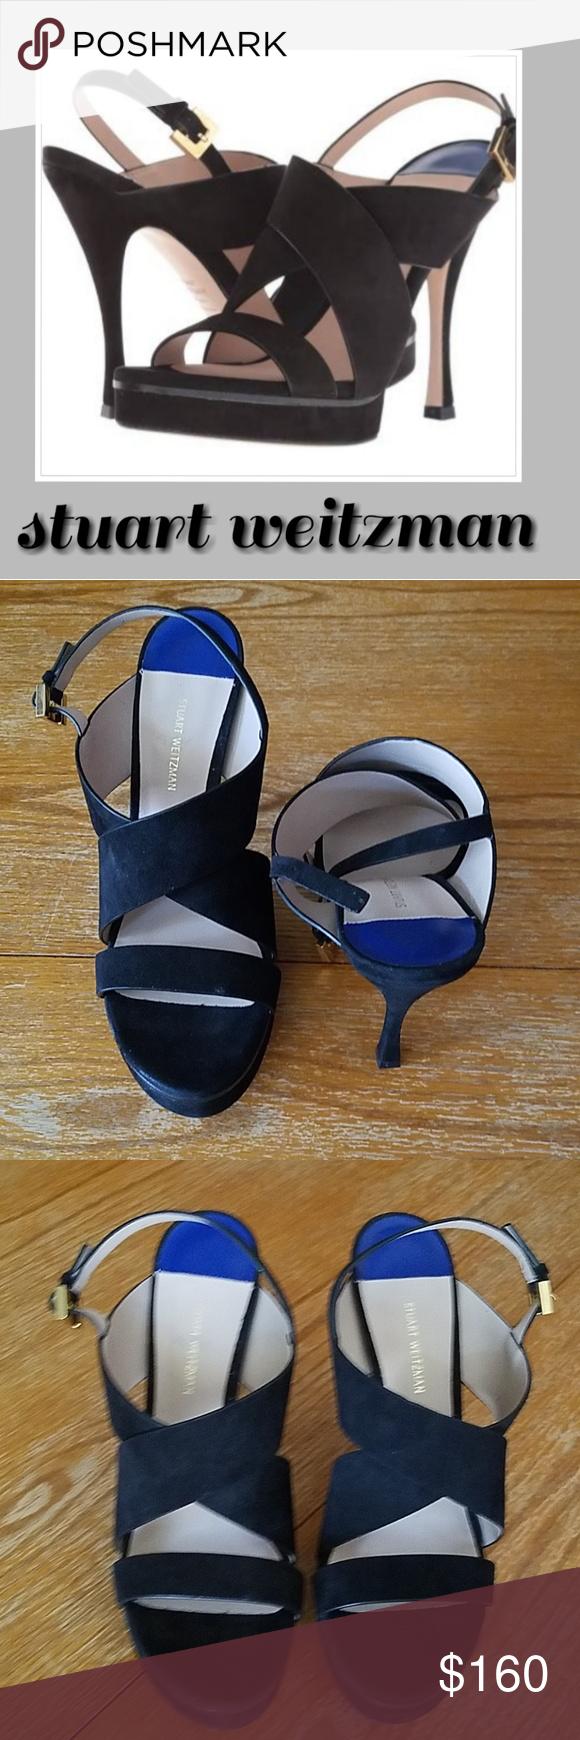 bb3318af917 Stuart Weitzman Hester Suede Sandal Heels. Sz 10.5 Gorgeous Stuart Weitzman  Hester Suede Platform High